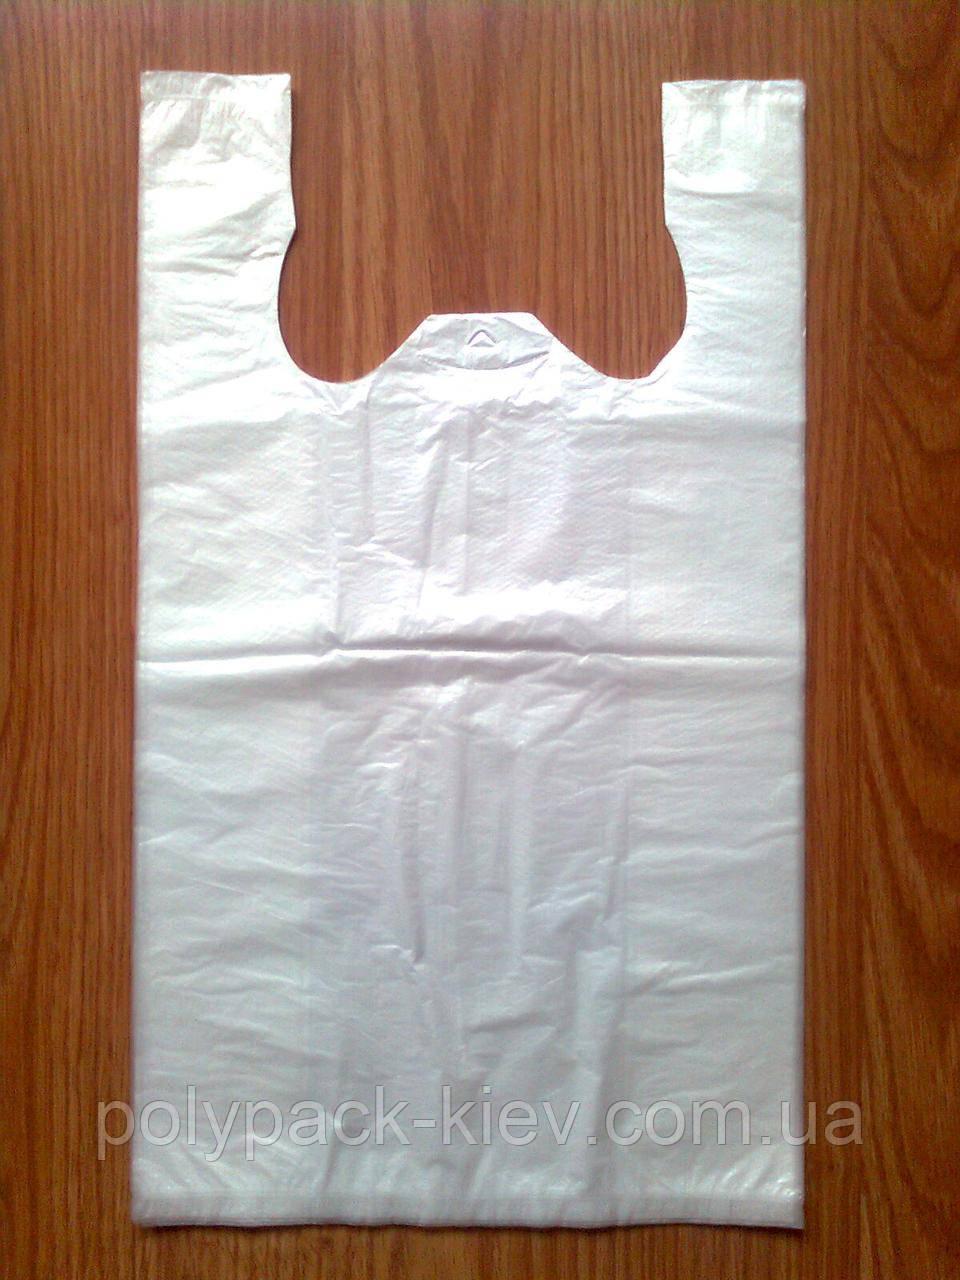 Пакеты-майка супер 25х43 см/12 мкм белая, прочные белые пакеты пакет упаковочный кульки от производителя оптом